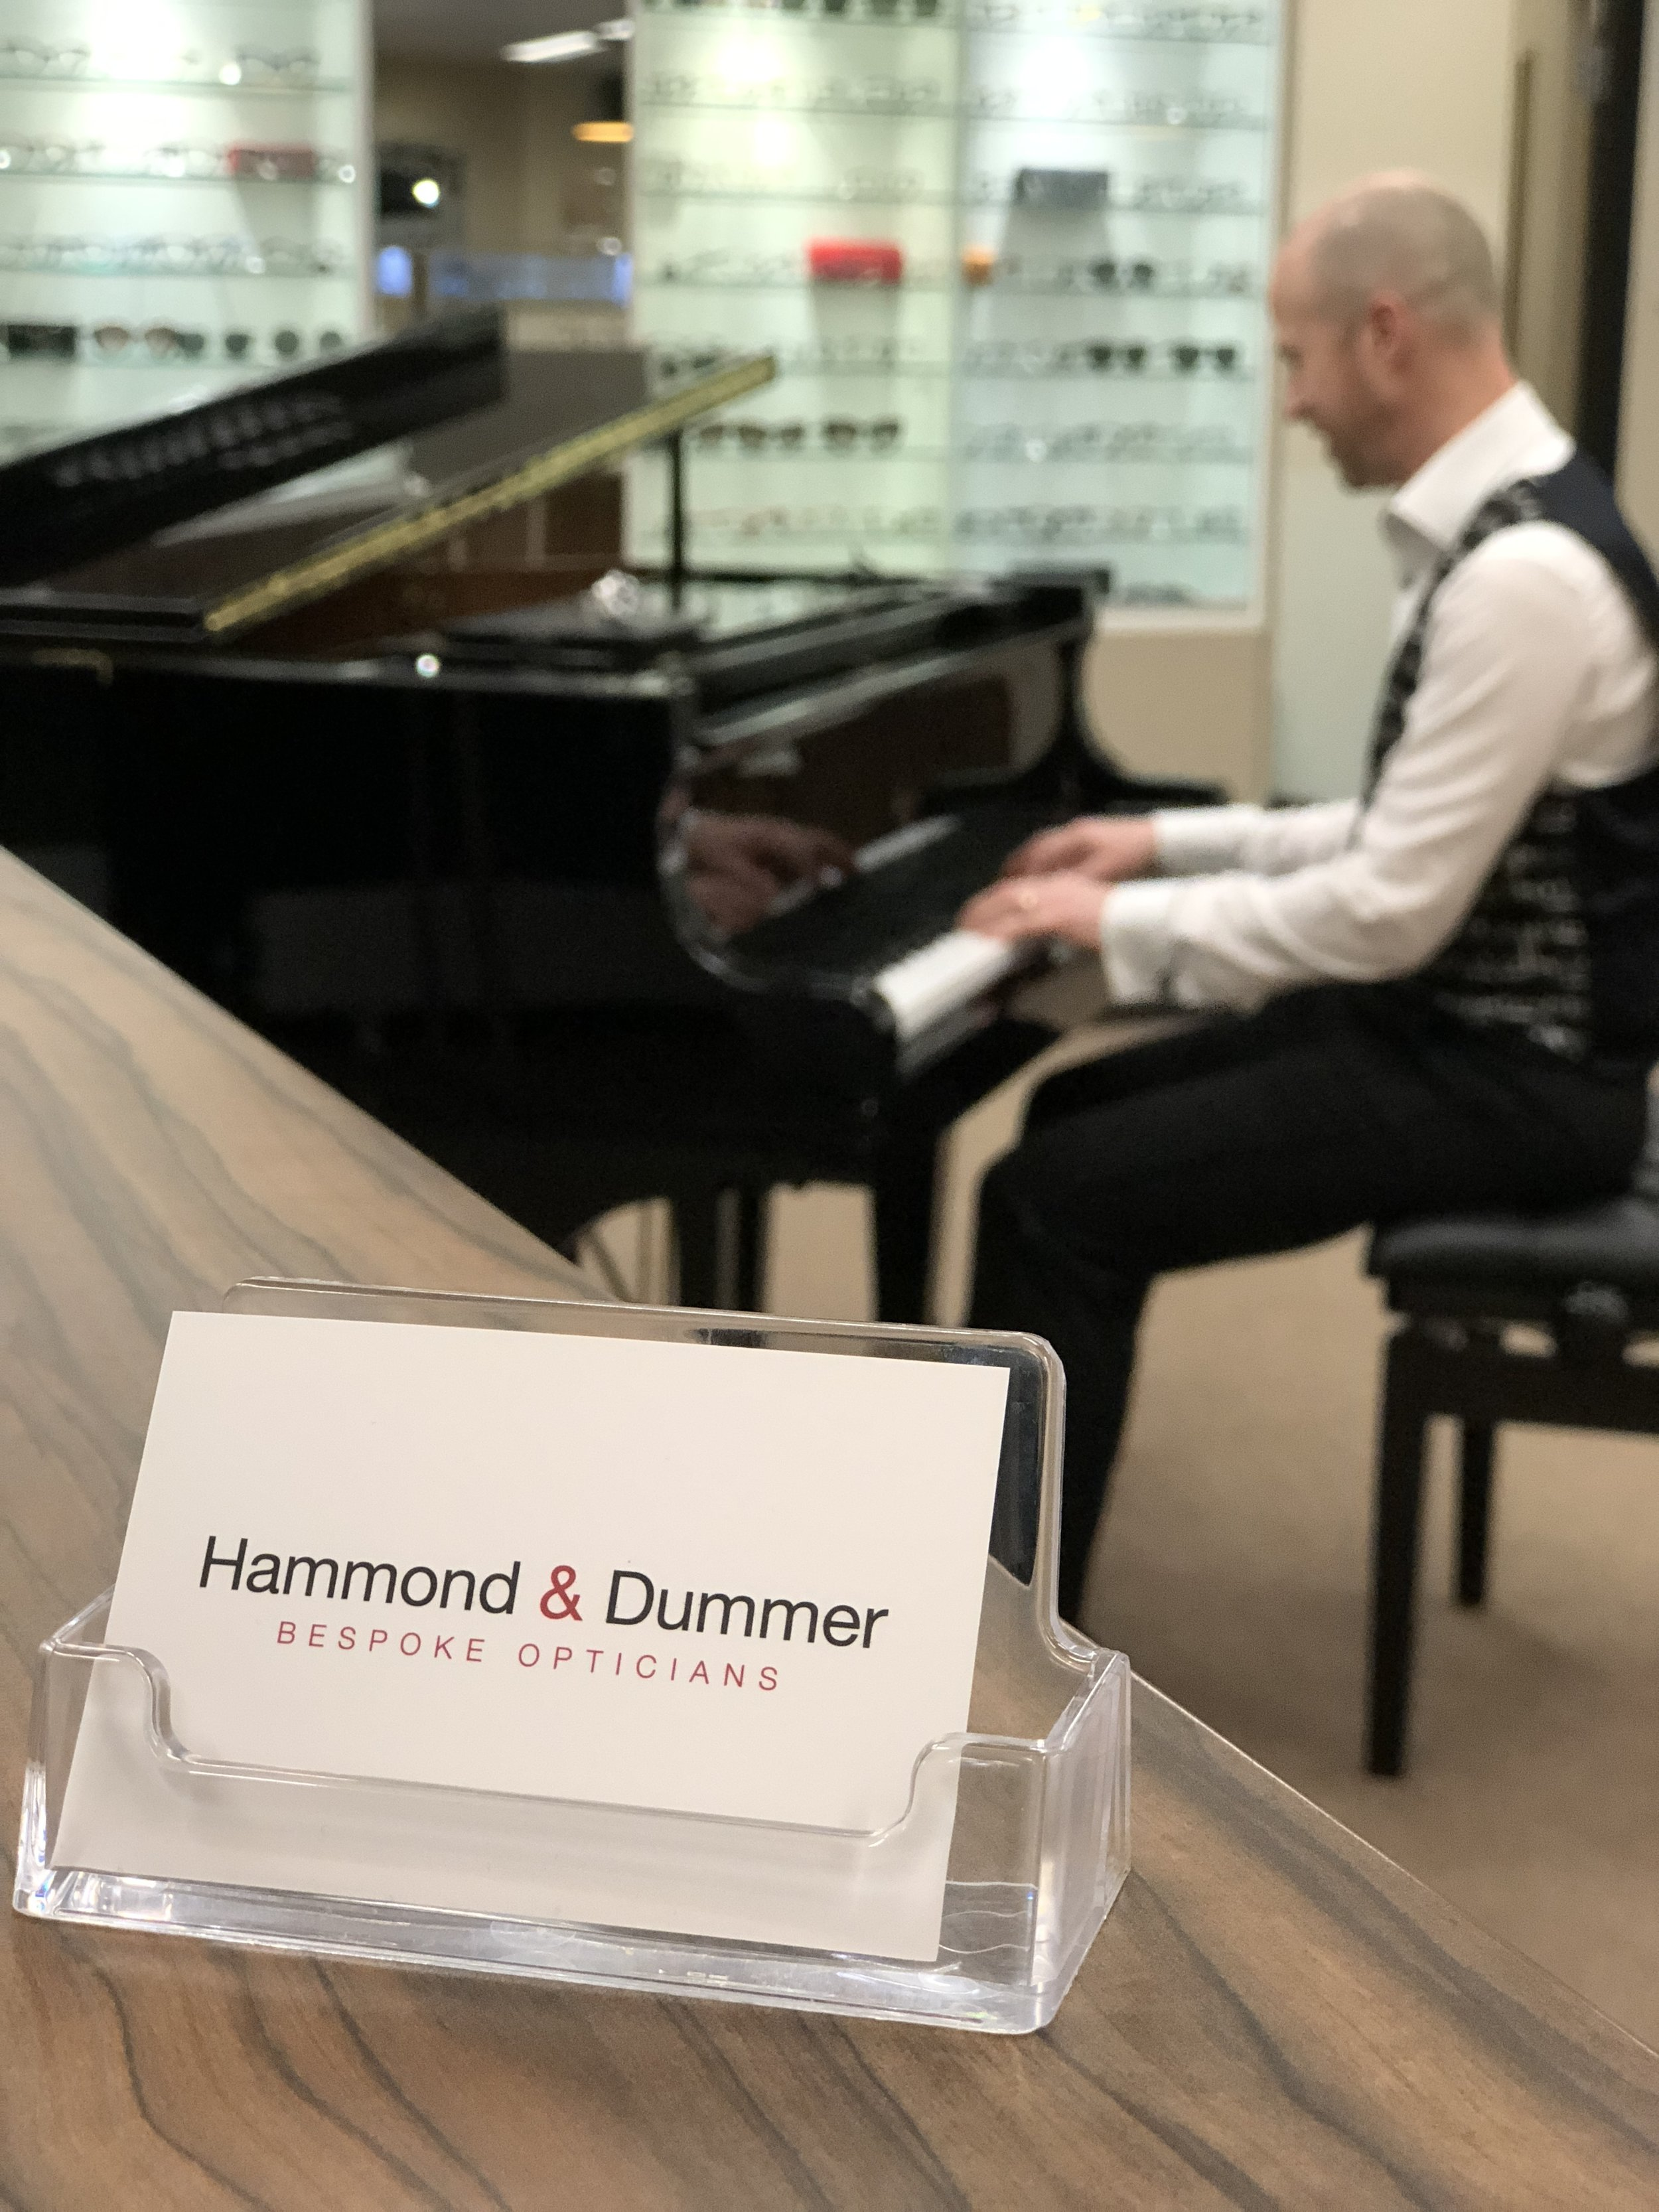 Hammond & Dummer Bespoke Opticians